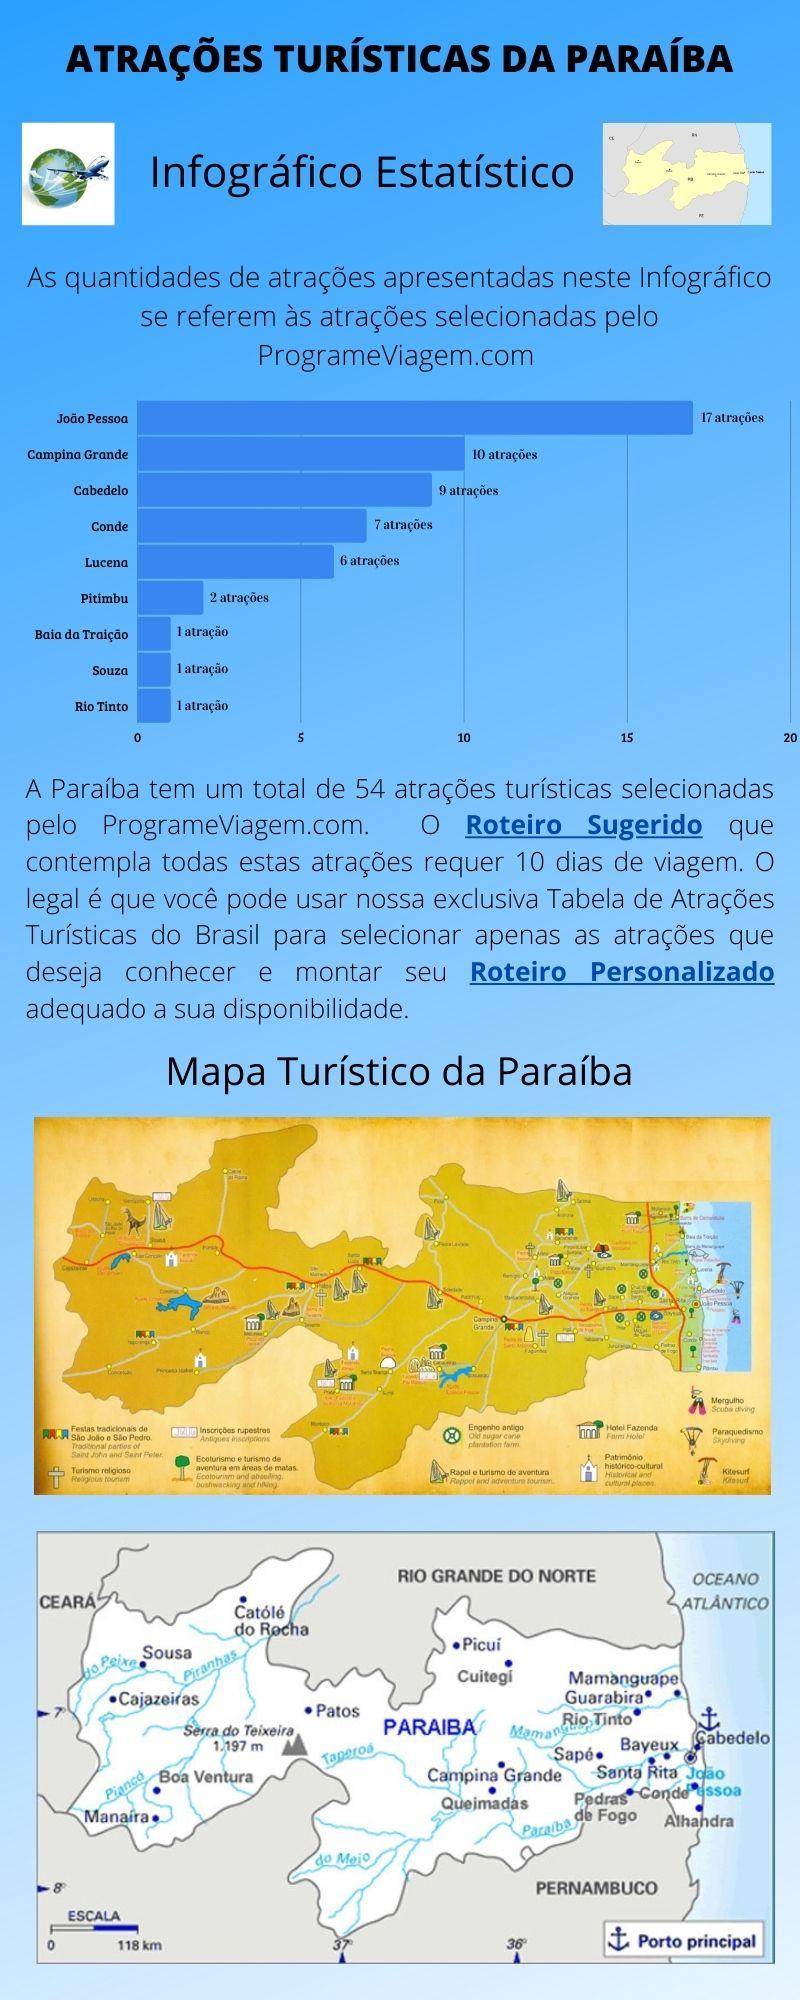 Infográfico Atrações Turísticas da Paraíba